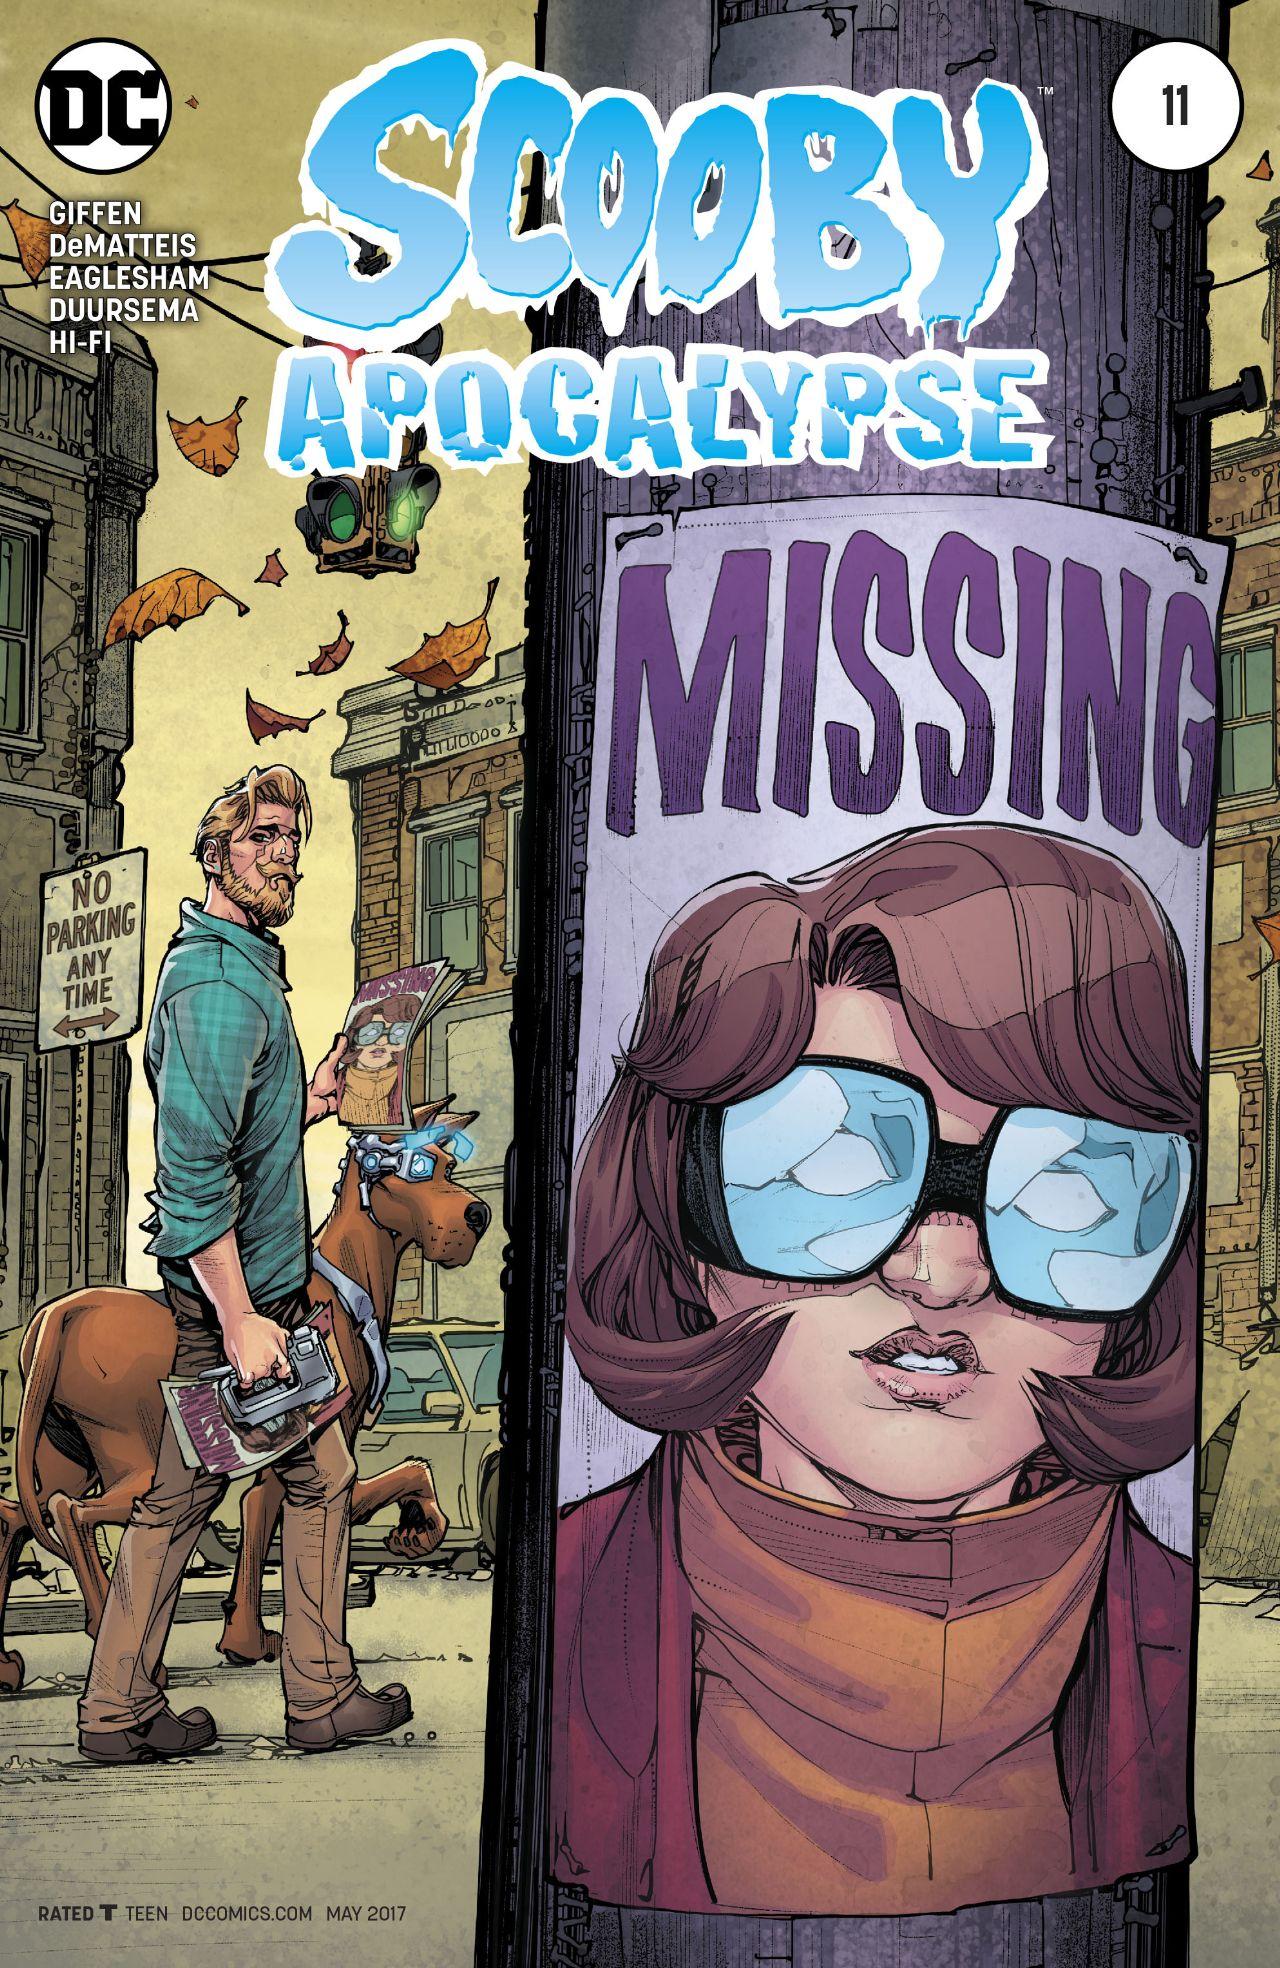 Scooby Apocalypse Vol 1 11